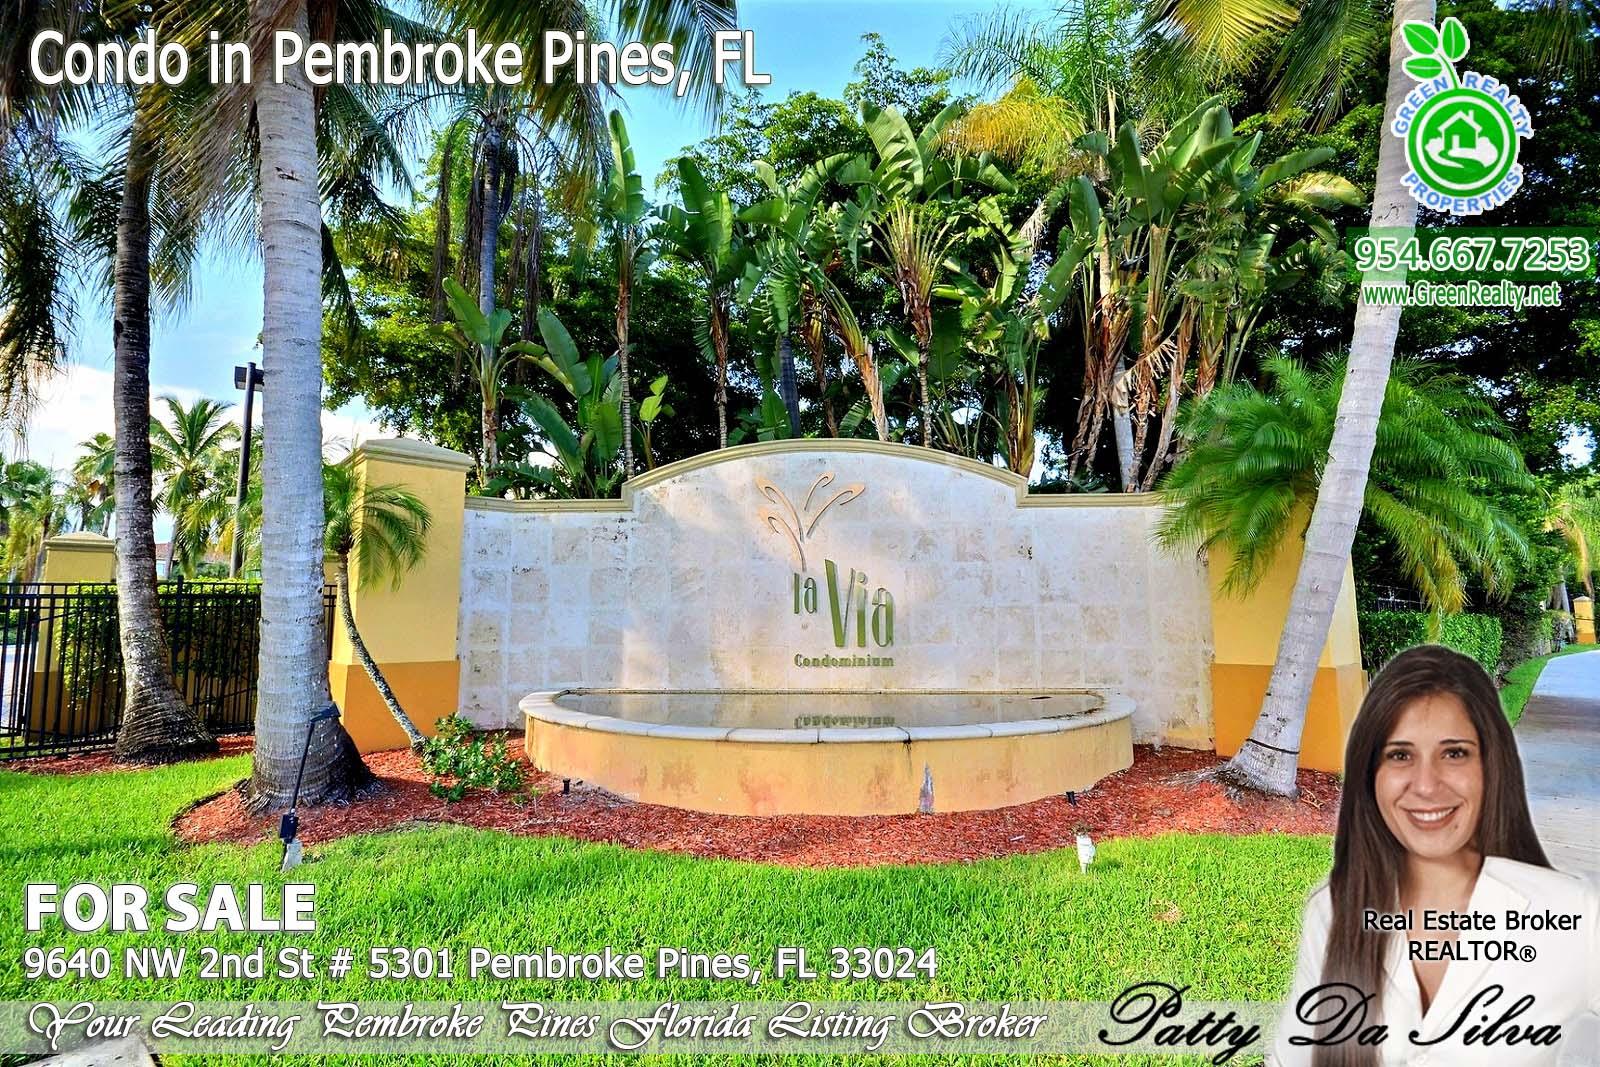 La Via - 9640 NW 2nd St, Pembroke Pines FL 33024 (1)